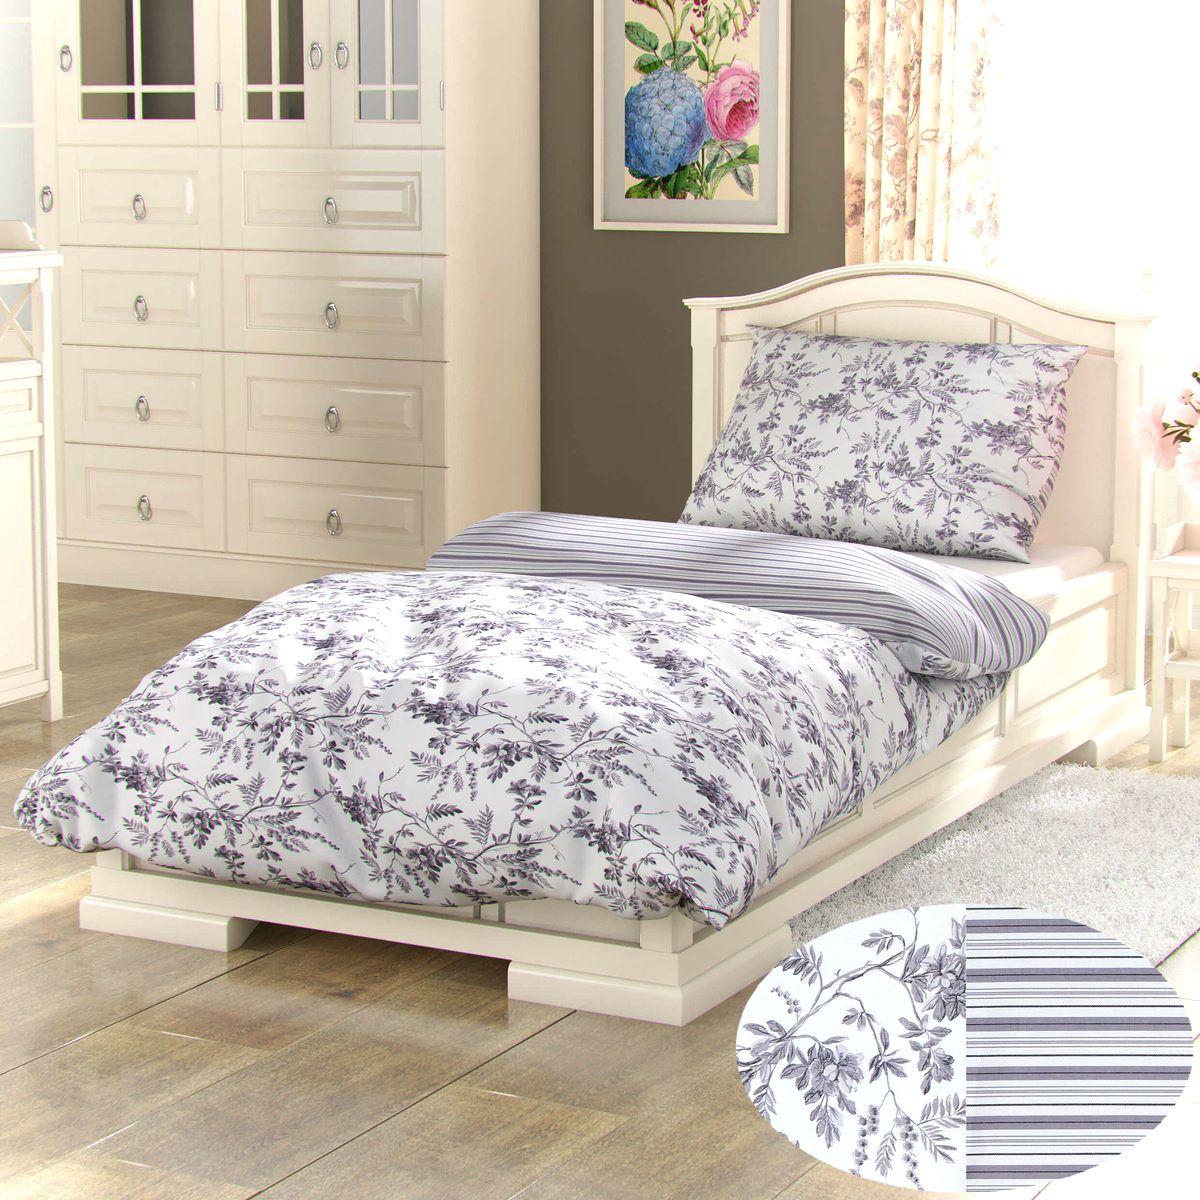 Kvalitex Bavlnené obliečky Provence Montera sivá